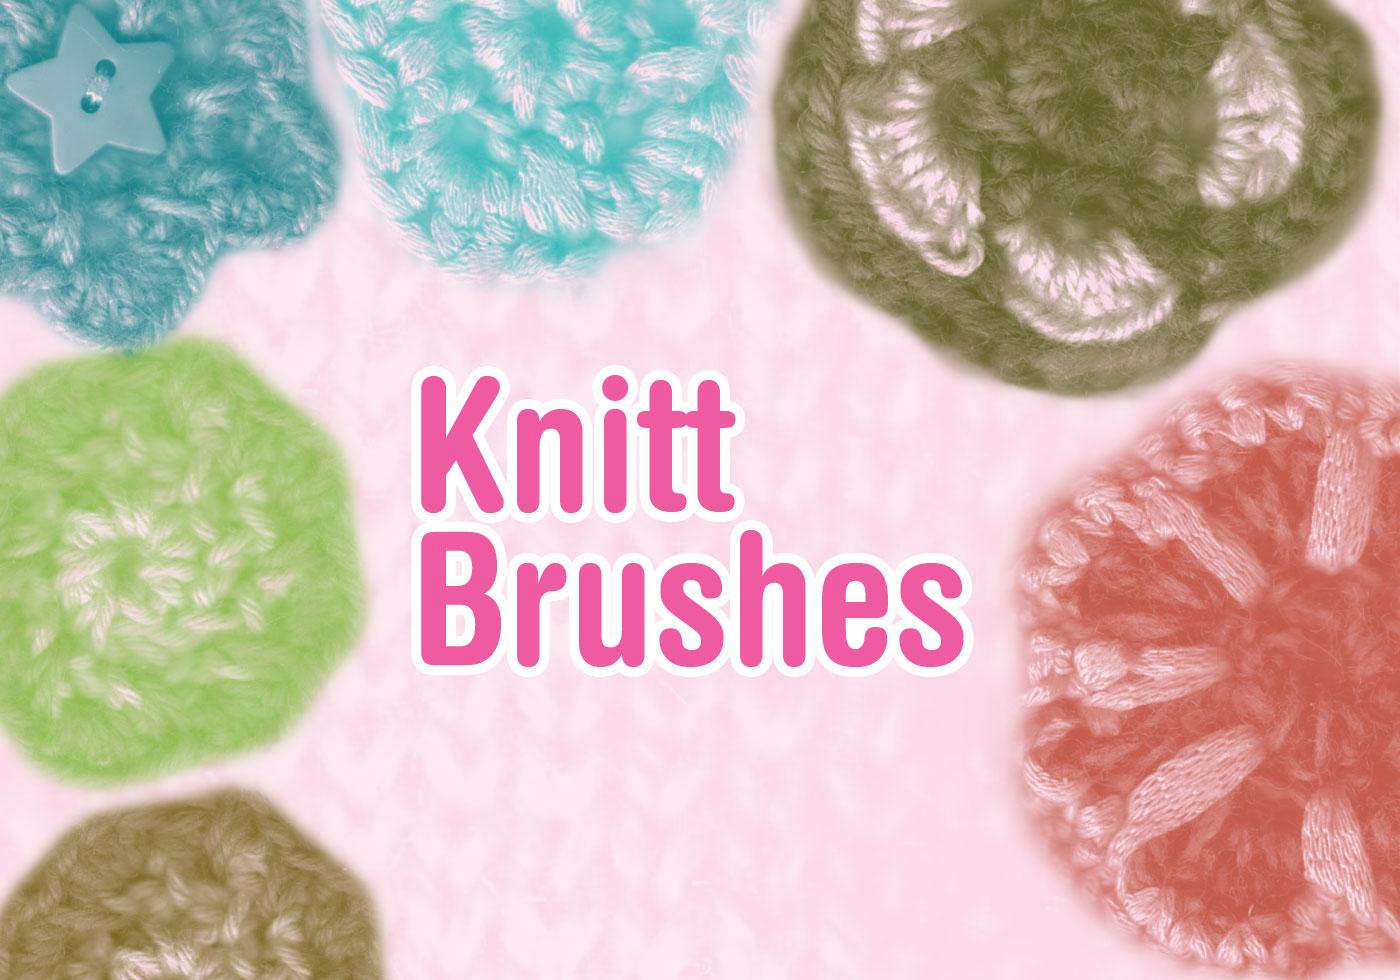 Knitt Brushes Free Photoshop Brushes At Brusheezy